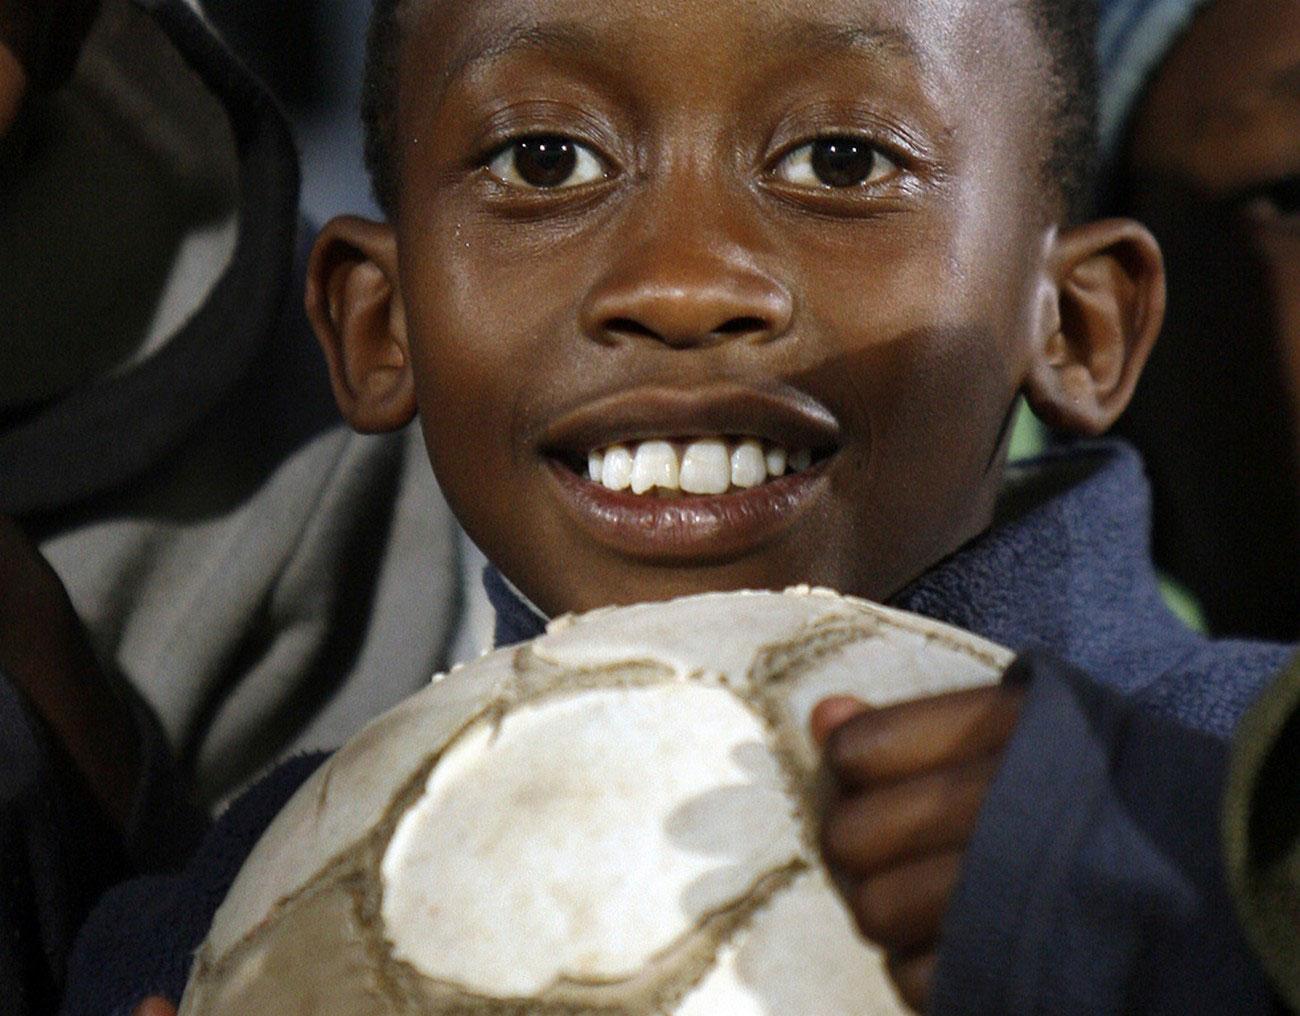 Ребенок с футбольным мячом на стадионе, фото